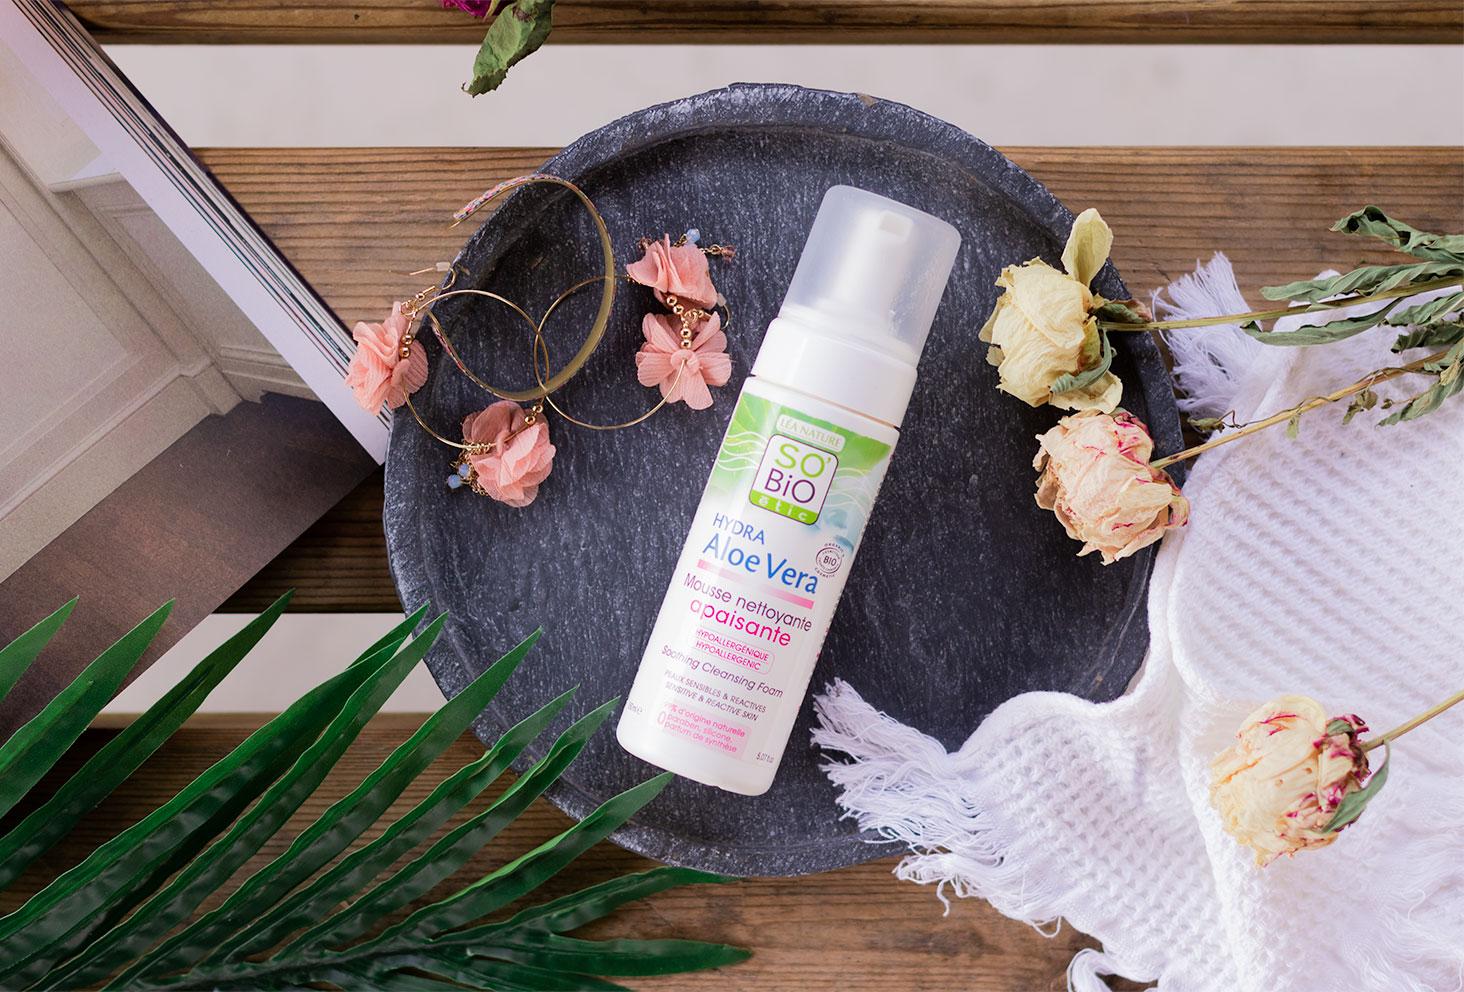 Vu de haut, la mousse nettoyante apaisante SO'BiO étic posée sur une plaque de marbre, sur une table en bois à côté d'un magazine, de fleurs séchées et d'une serviette blanche